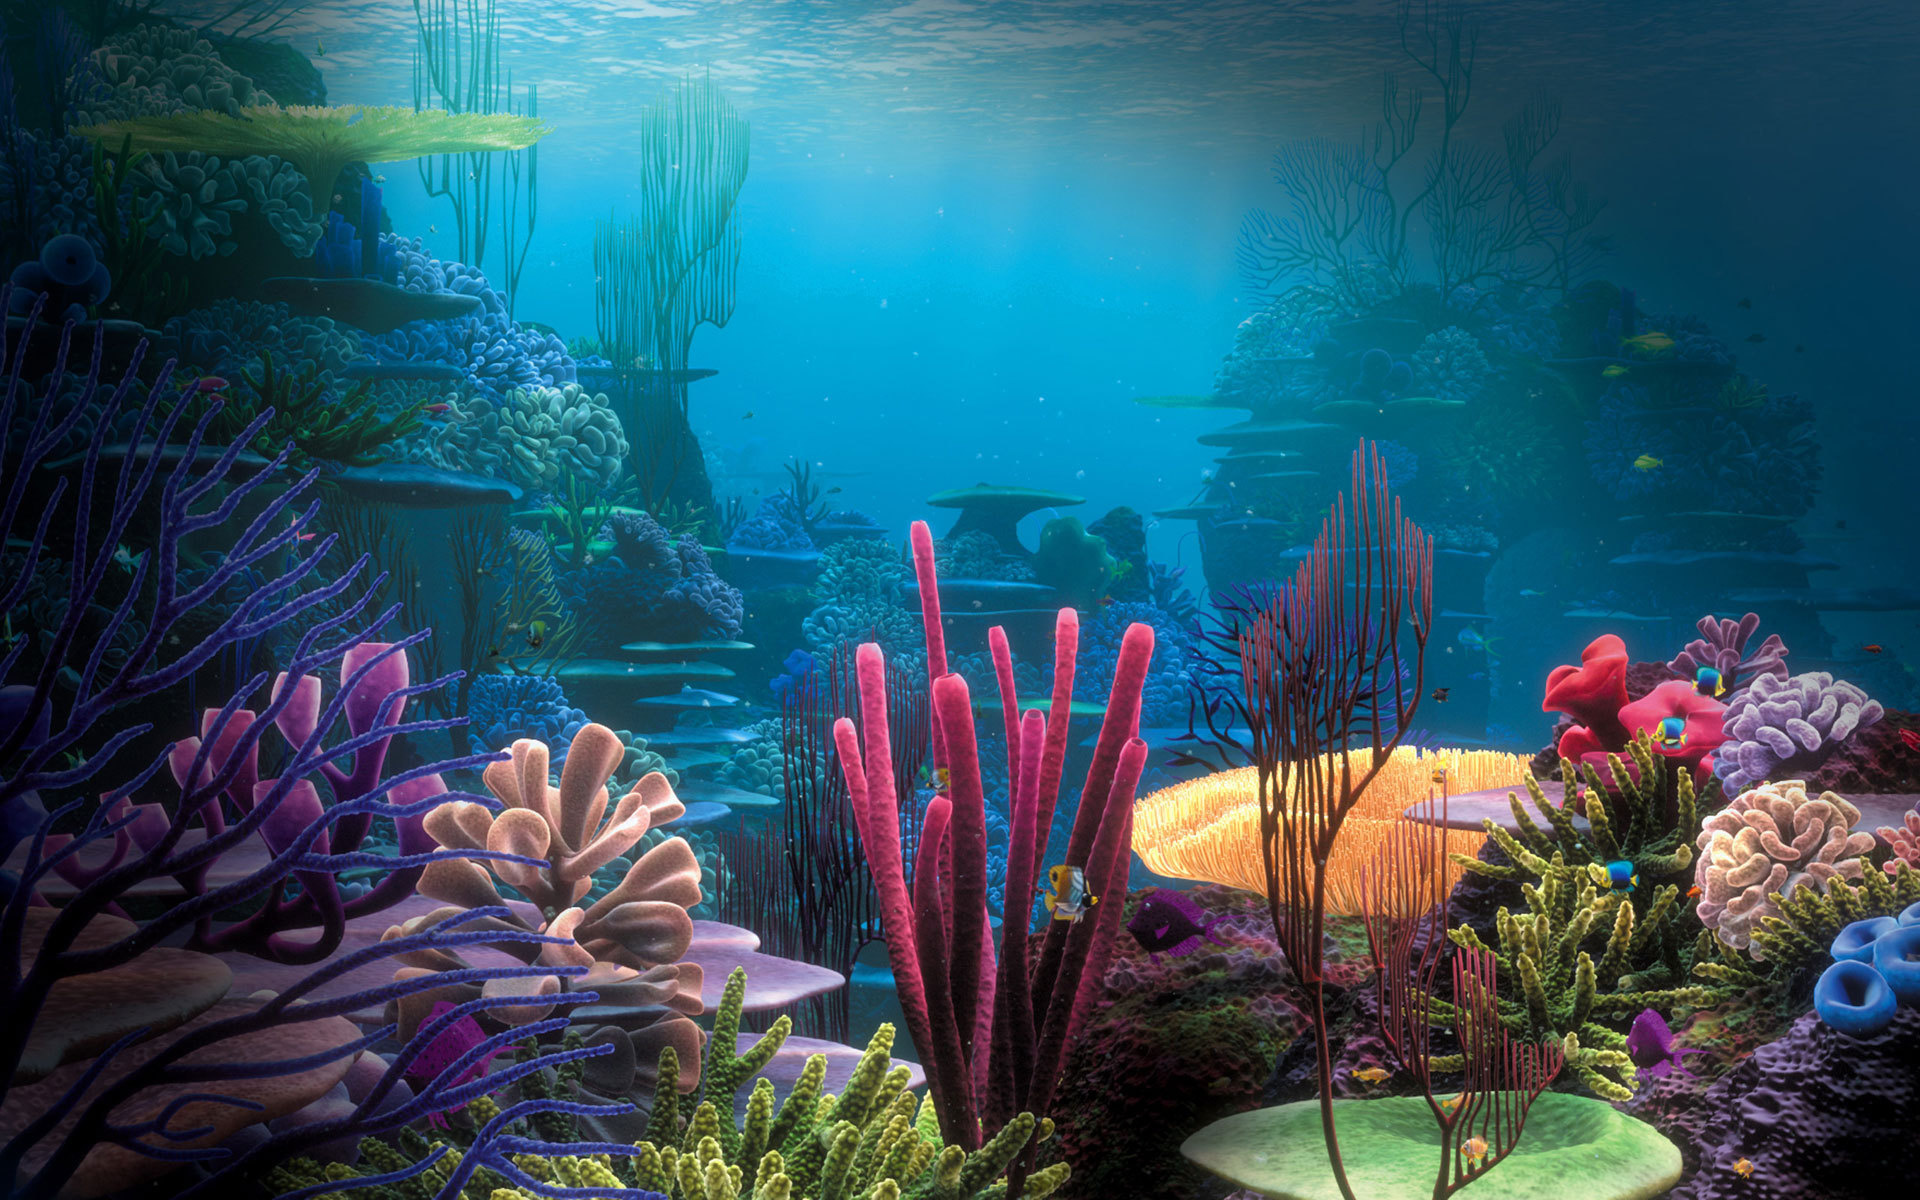 одной красивые фотографии морского дна голубые горошины